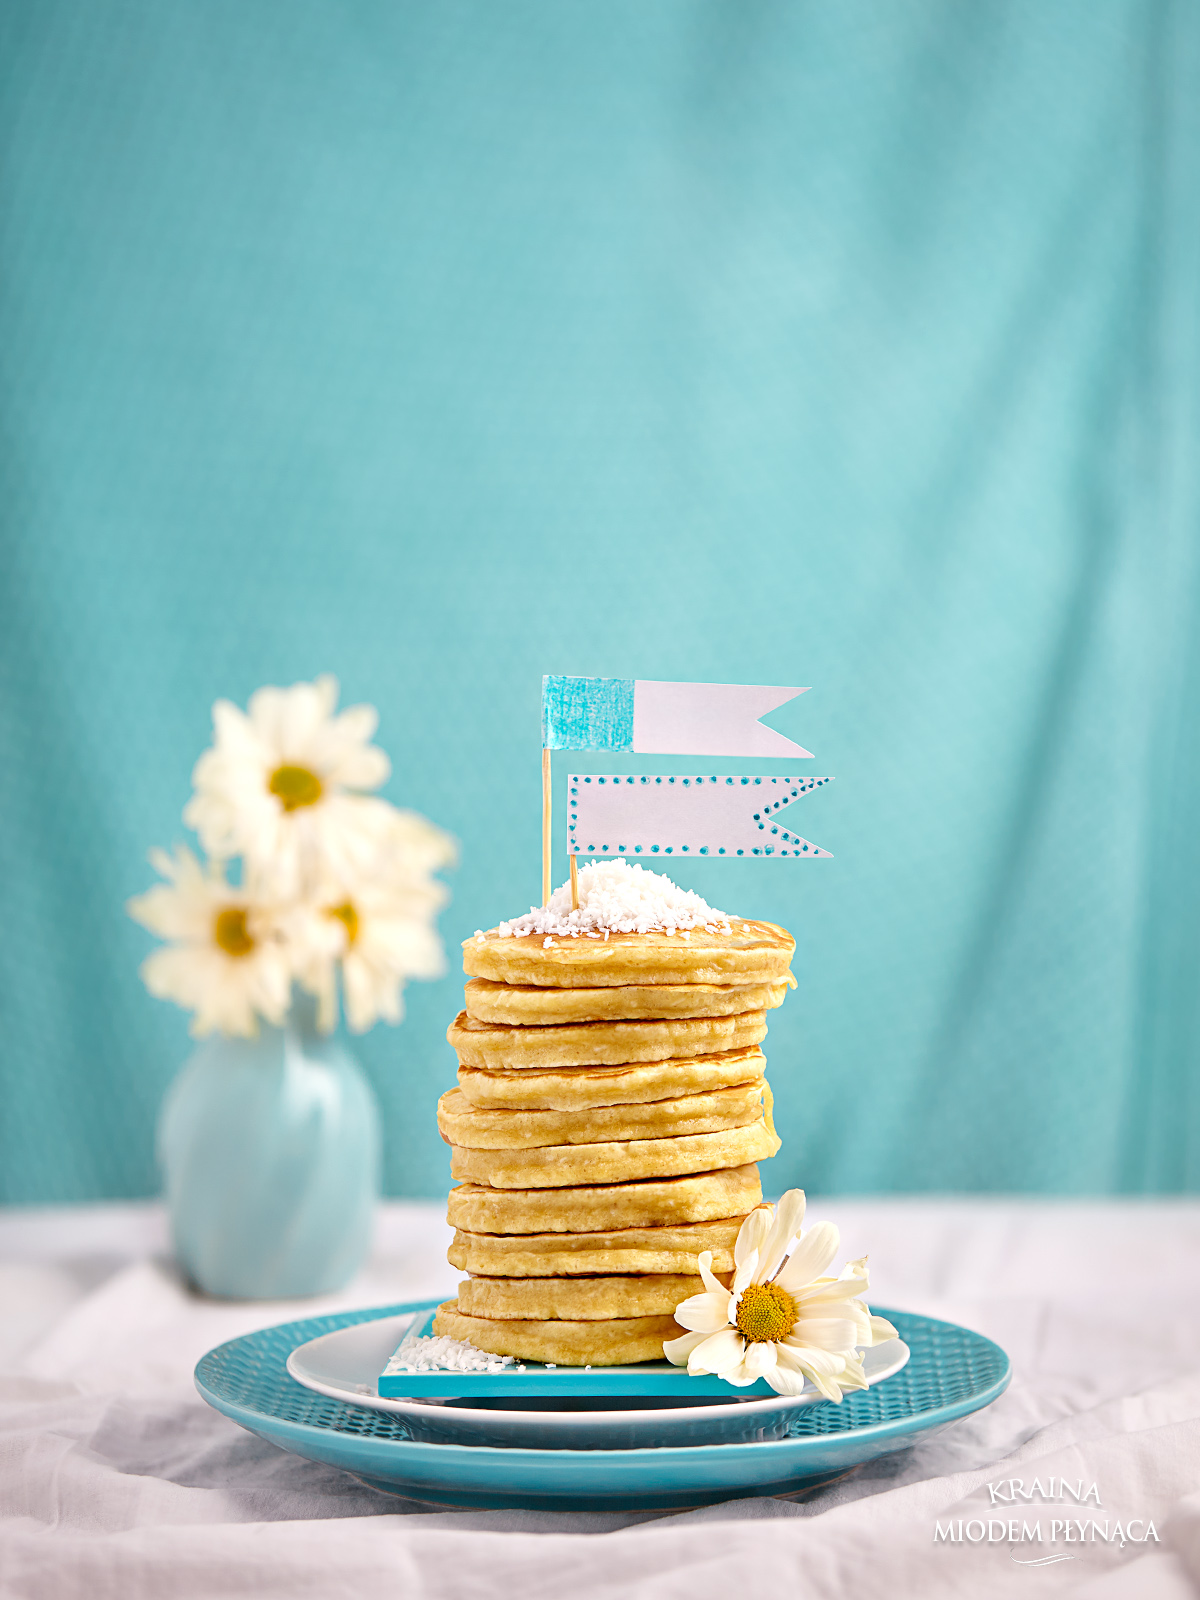 pancakes kokosowe, pancakes na mleku, pancakes z kokosem, pancakes z wiórkami kokosowymi, placki kokosowe, placki na mleku, placki z wiórkami kokosowymi, kraina miodem płynąca